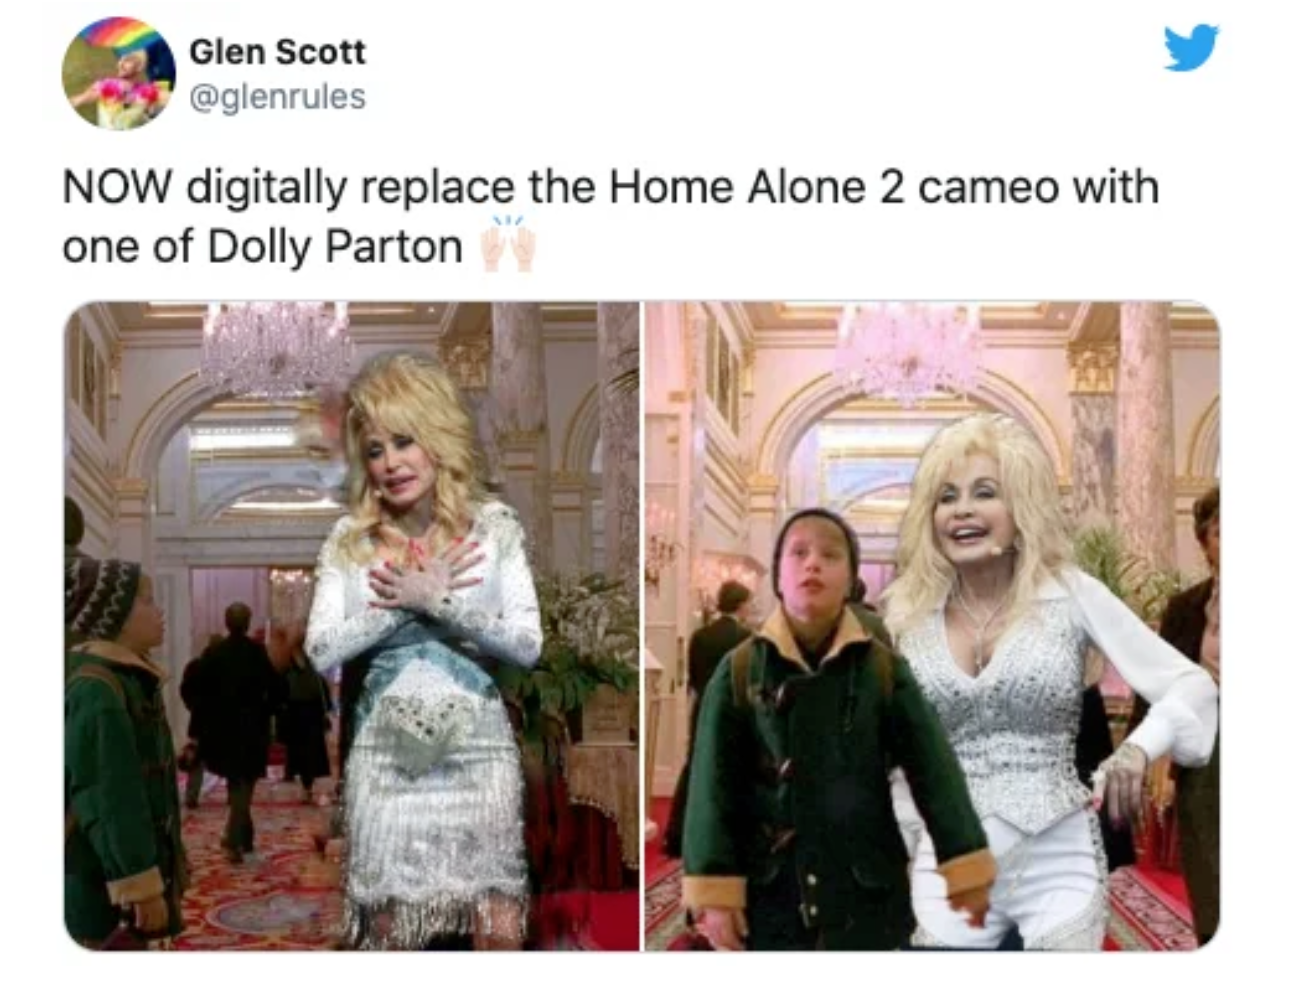 Cư dân mạng đòi xóa hình ảnh Tổng thống Trump khỏi nhiều cảnh phim nổi tiếng-2